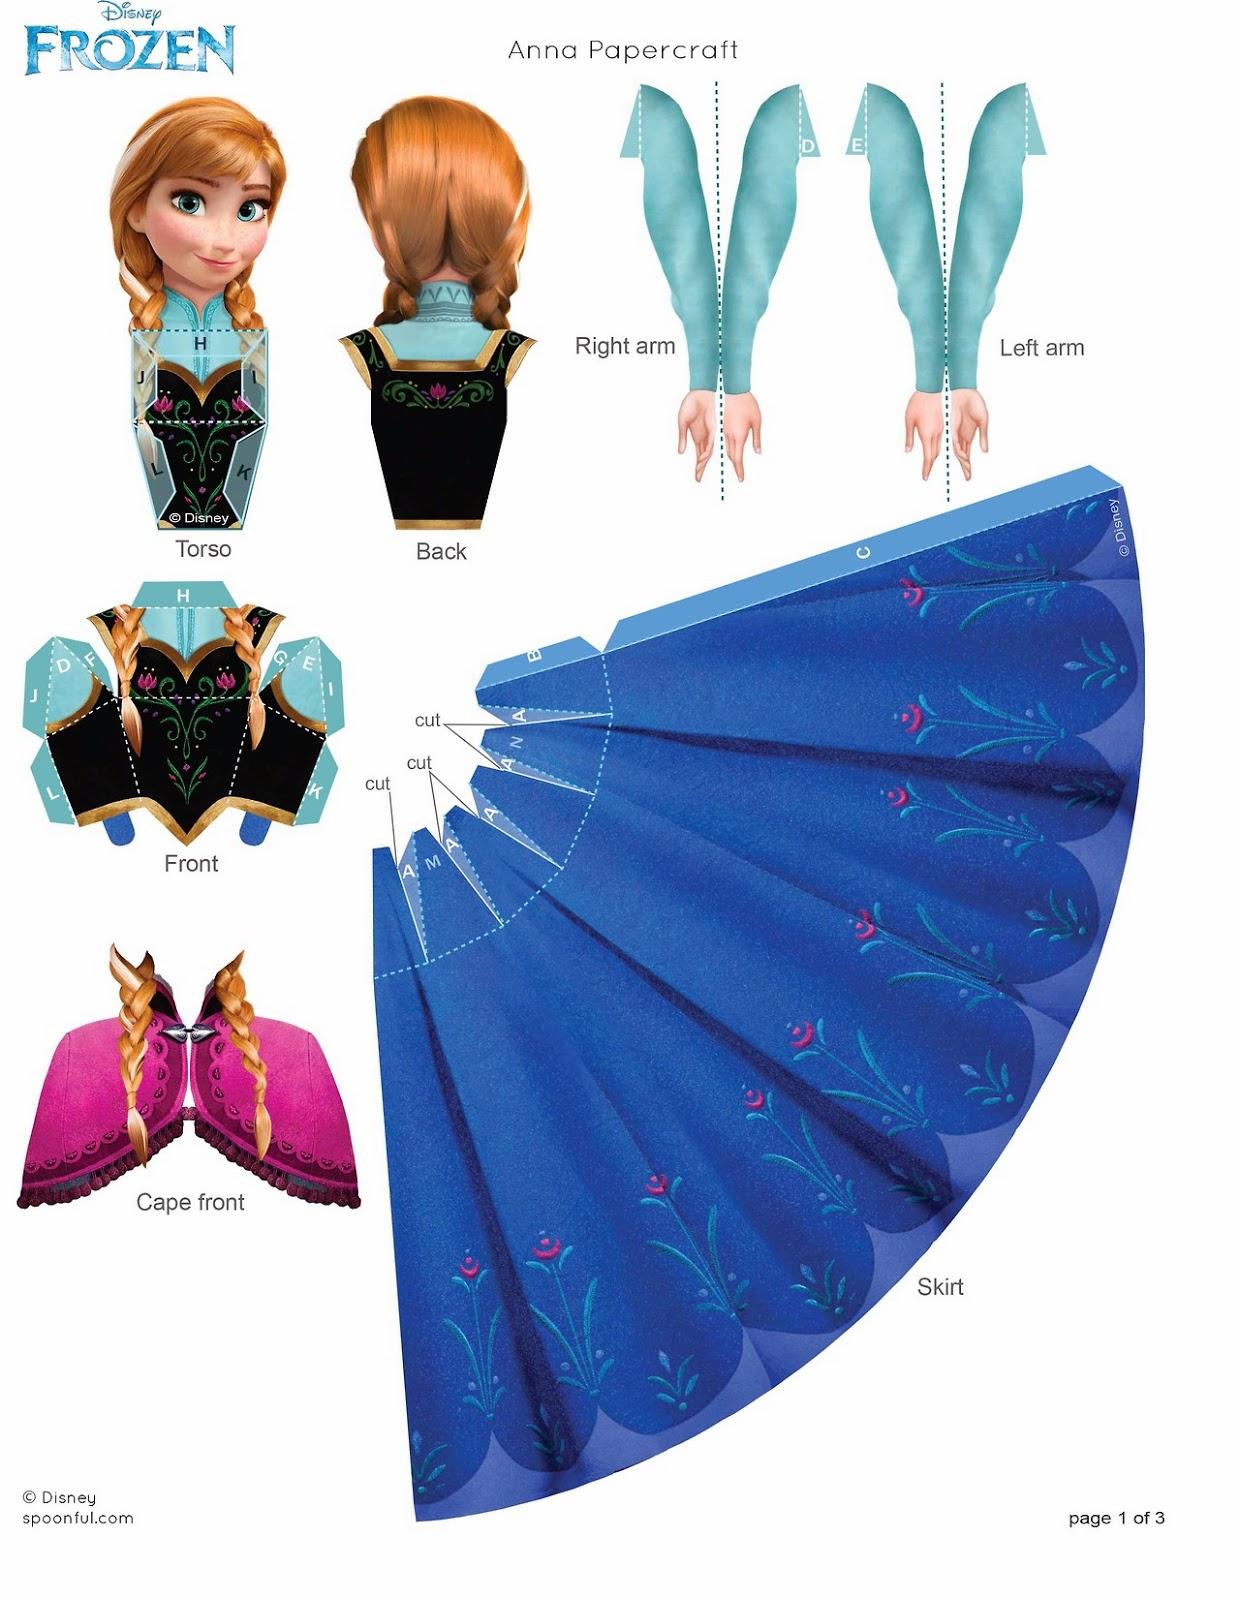 Para Material FrozenMuñecas GratisIdeas 3d Imprimir Papel De Y L5j4ARcq3